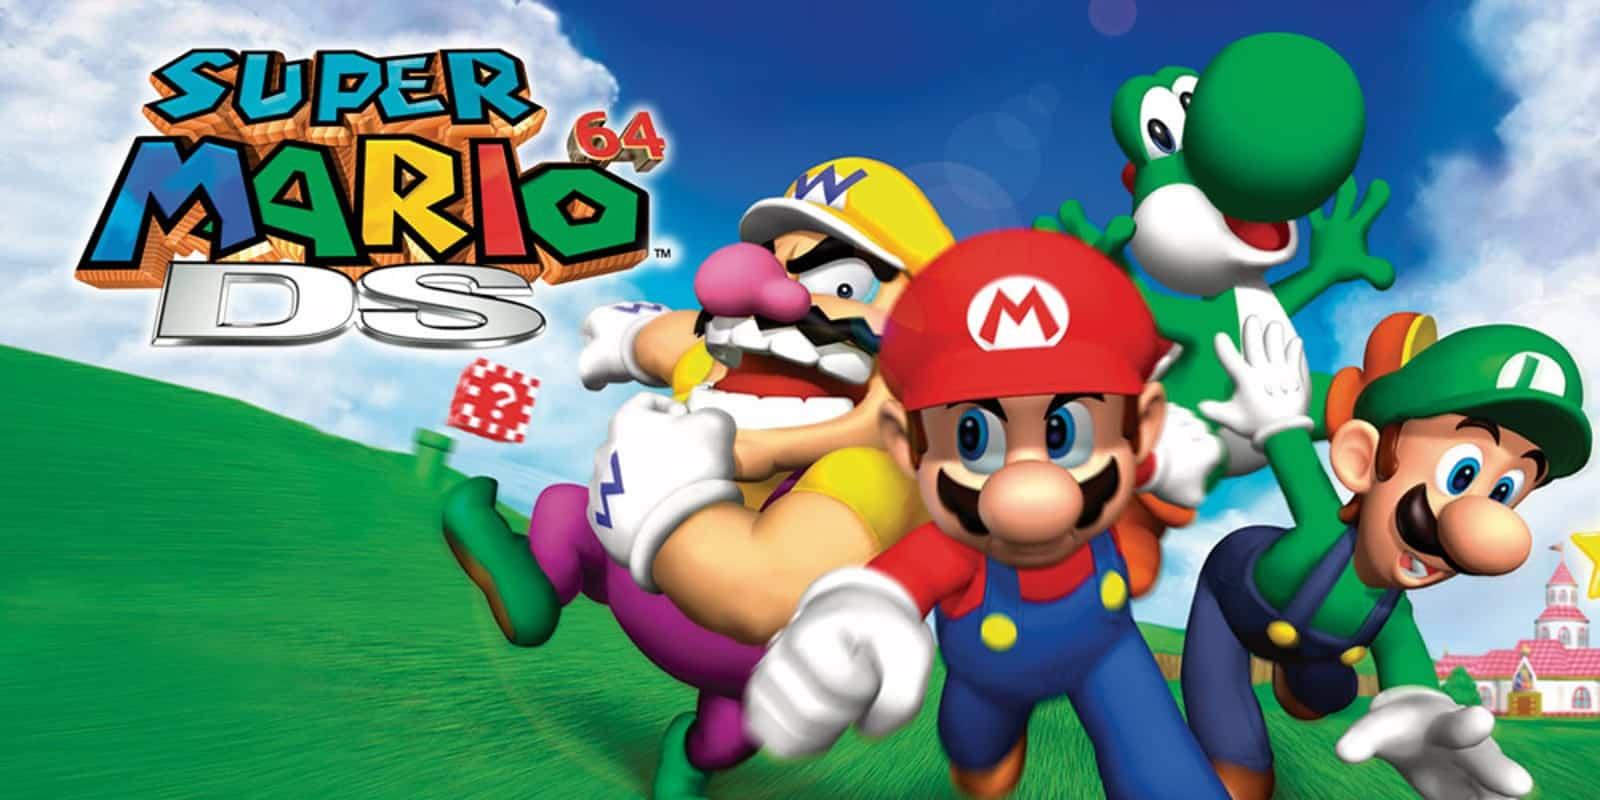 Super Mario 64 DS: veja alguns segredos e dicas do jogo!